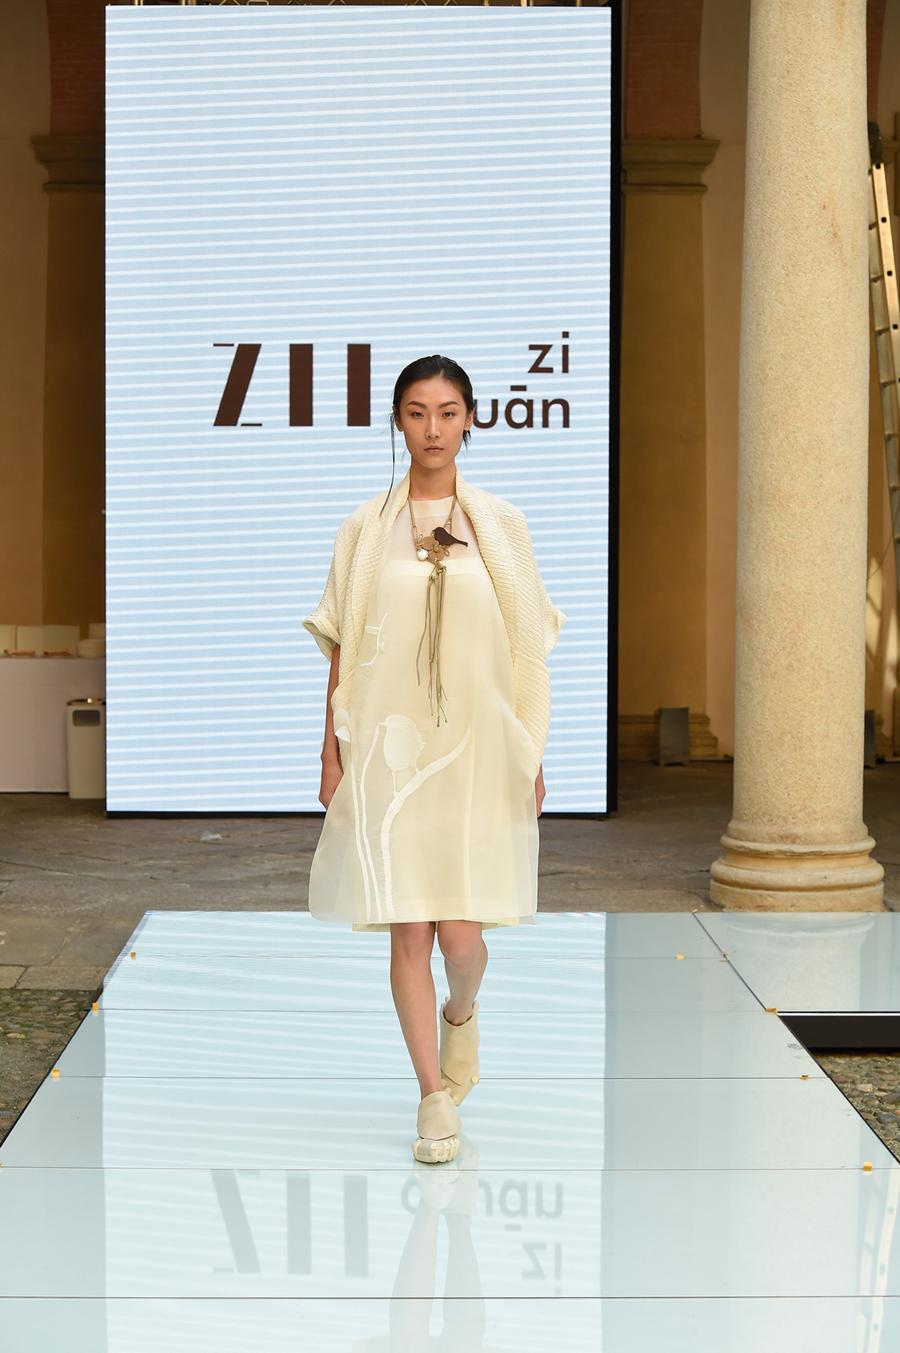 ZI CHUAN BY ALI TAN